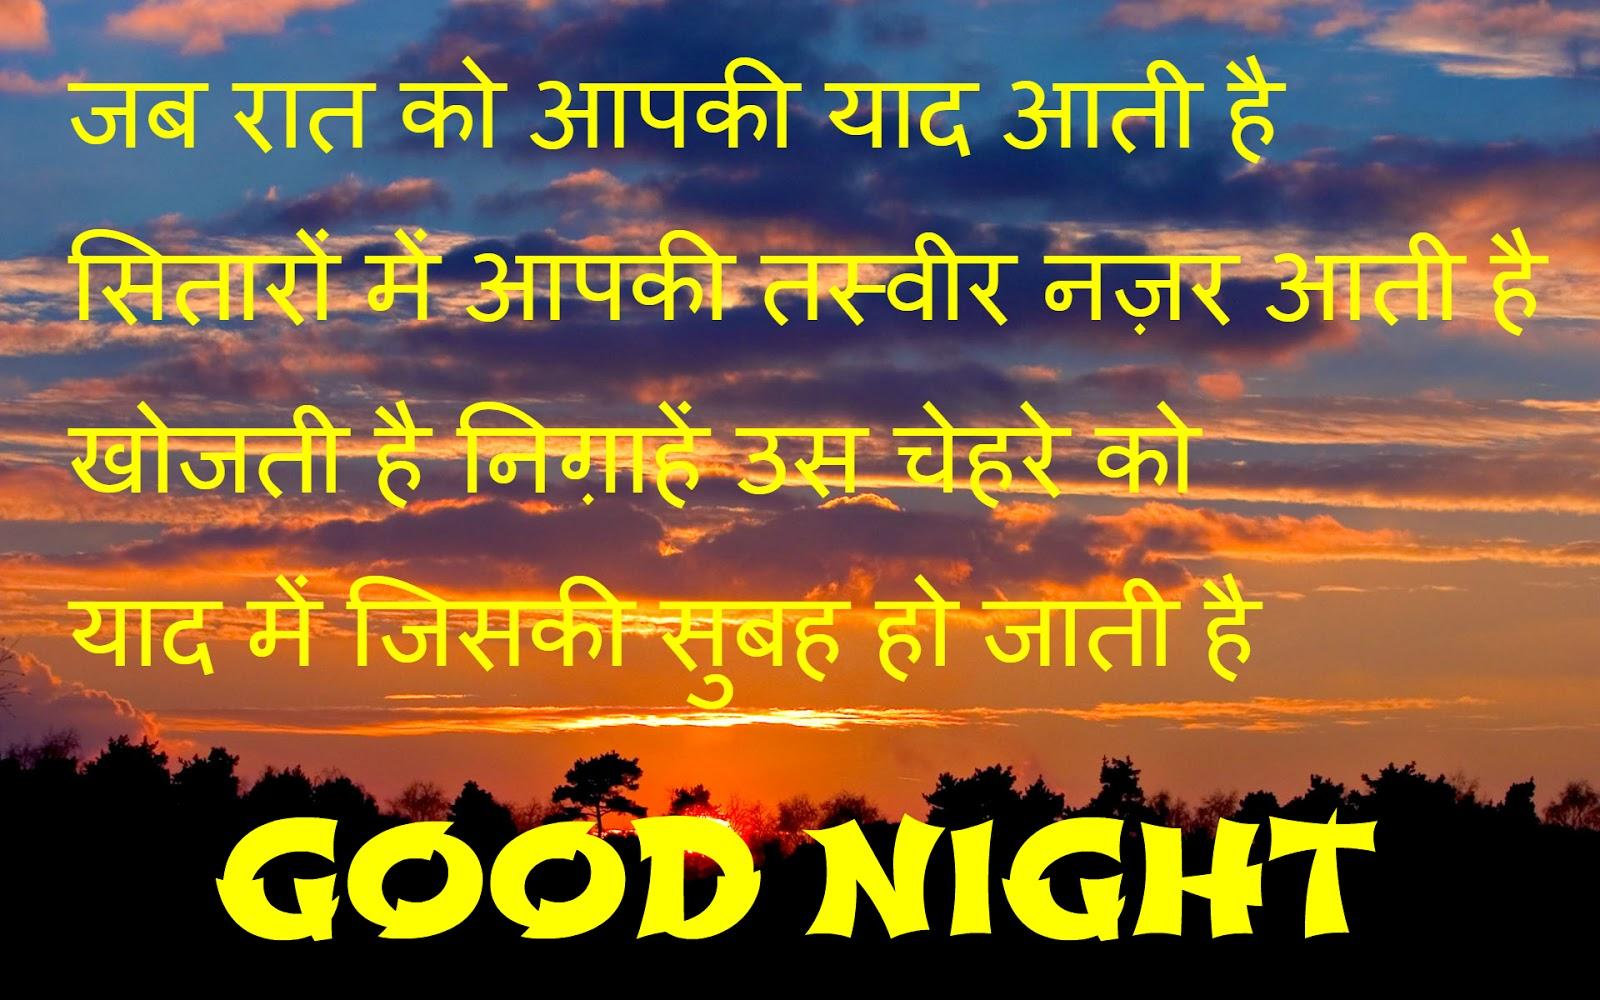 Love Quotes For Him Shayari : Shayari Hi Shayari Hindi Shayari Image,Hindi Love Shayari SMS with ...